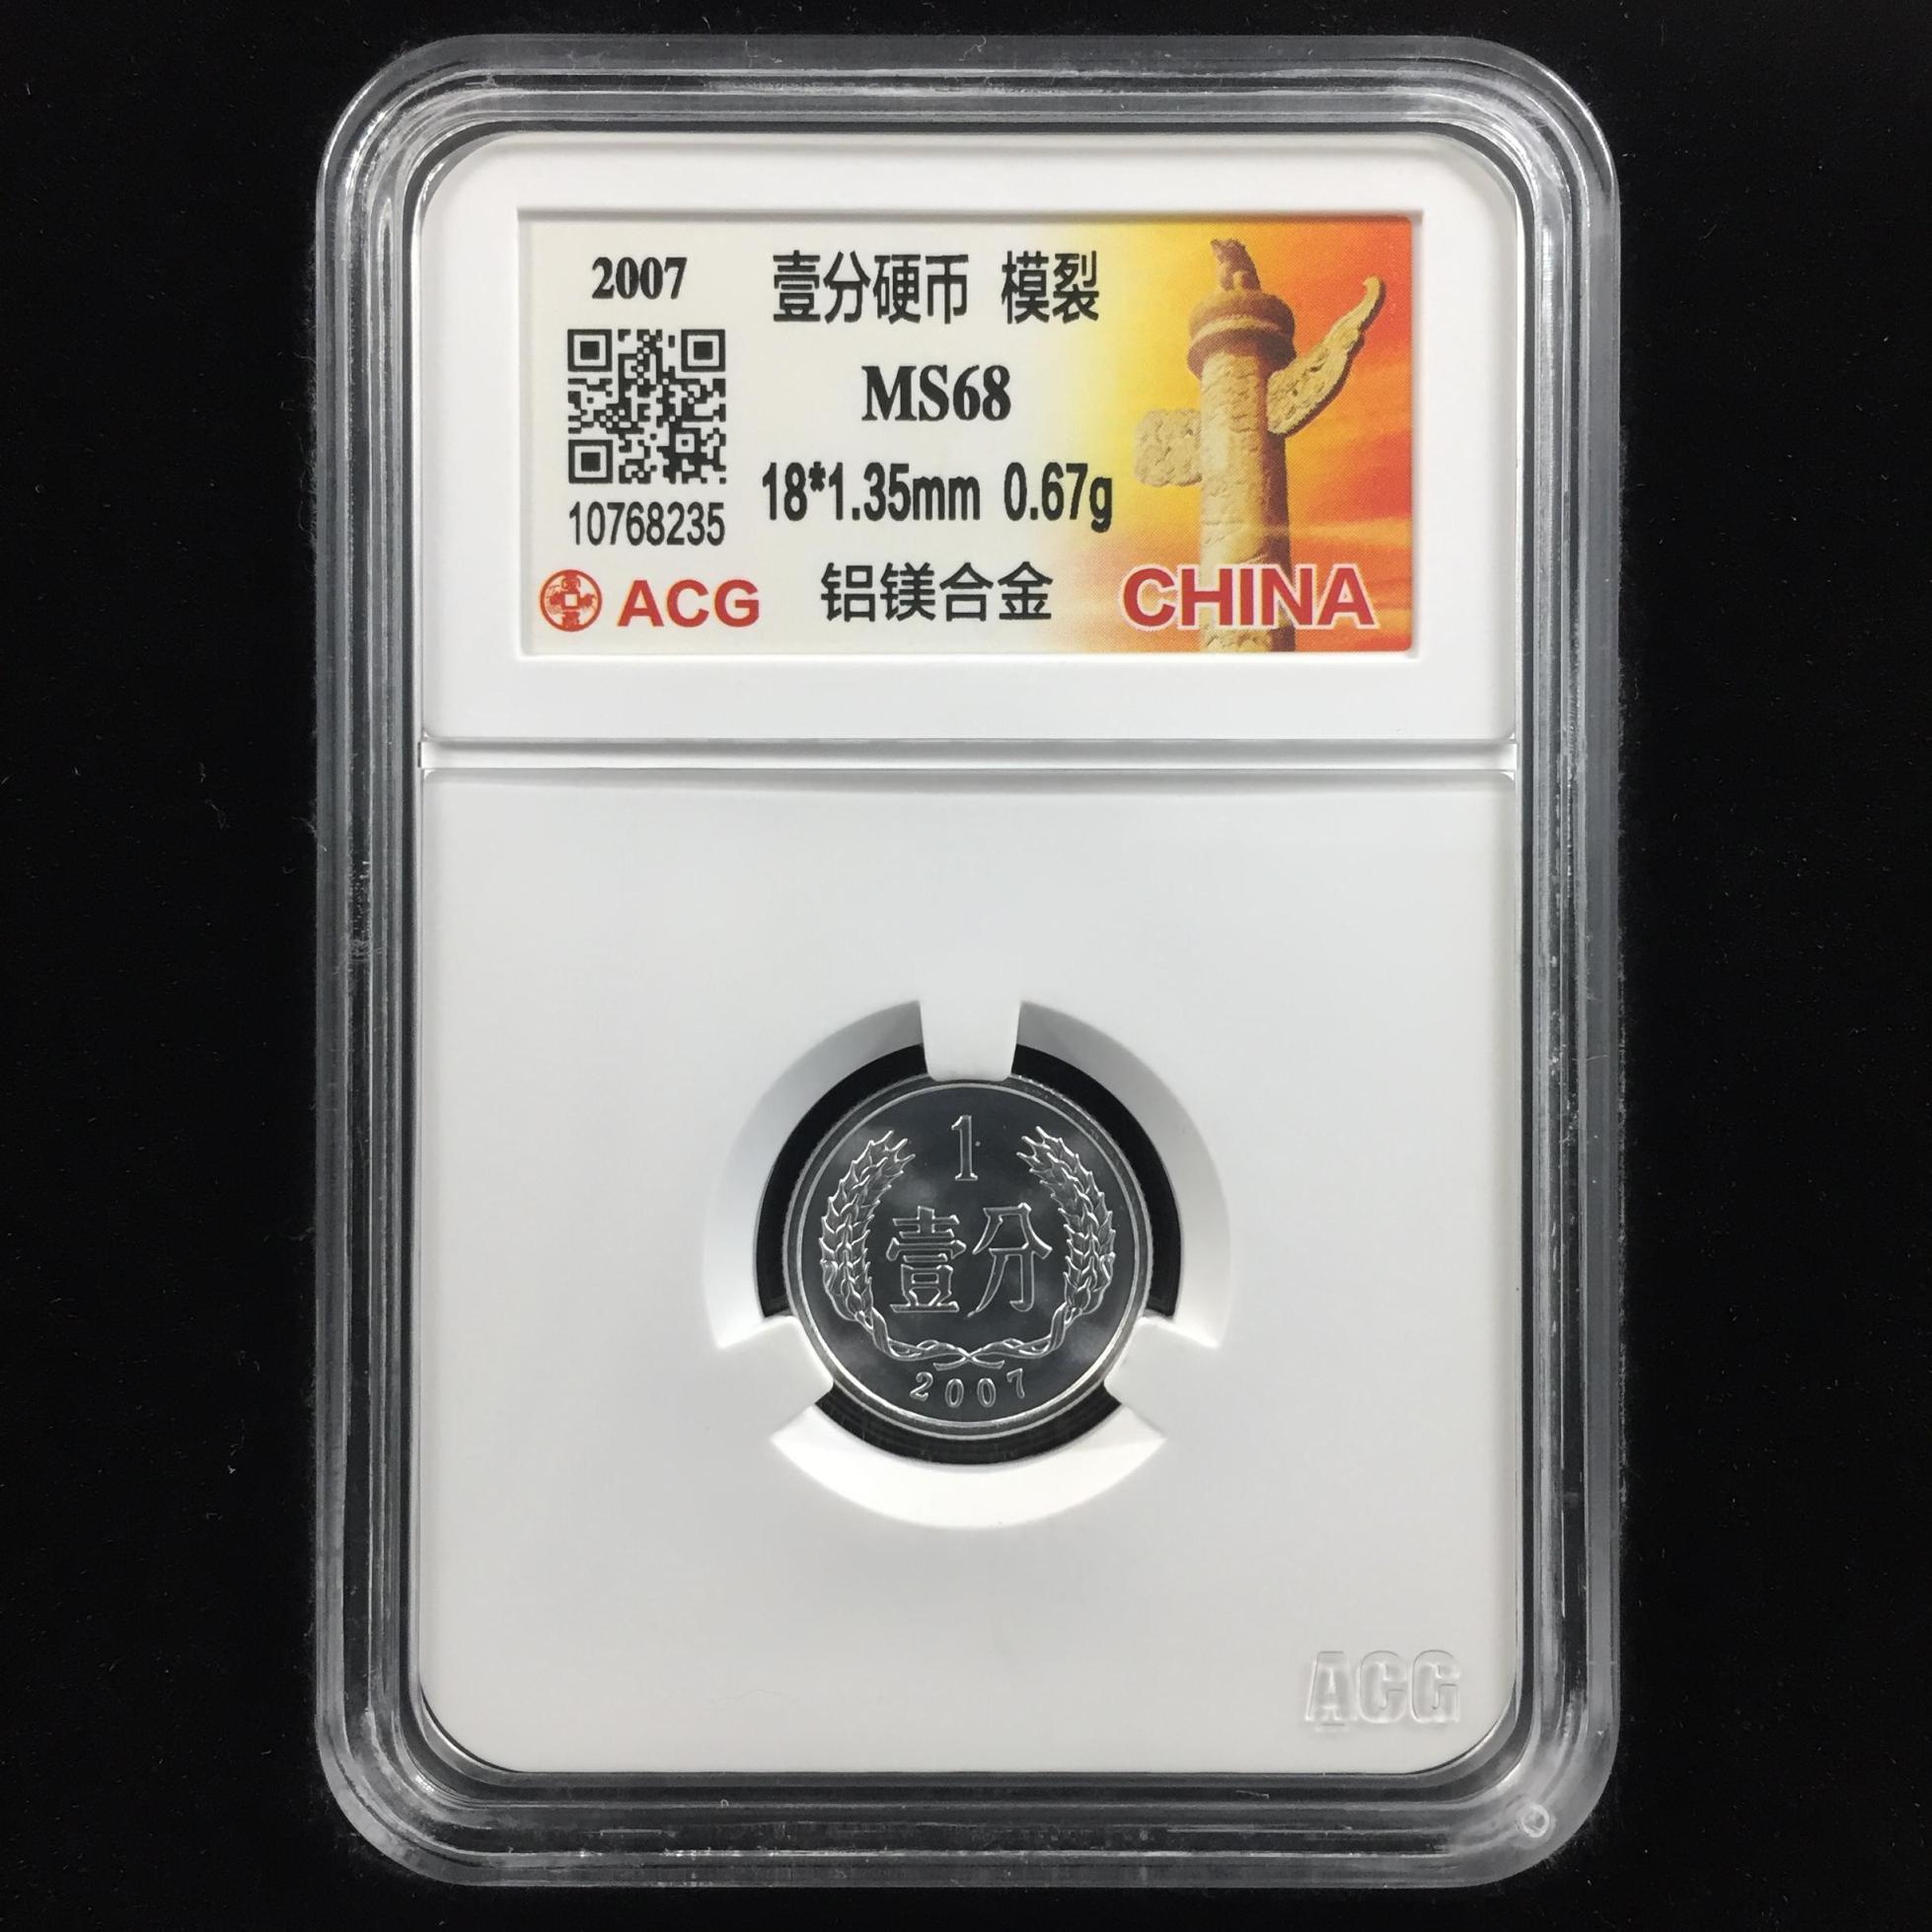 模裂币→2007年1分硬币→ACG鉴定证书-10768235